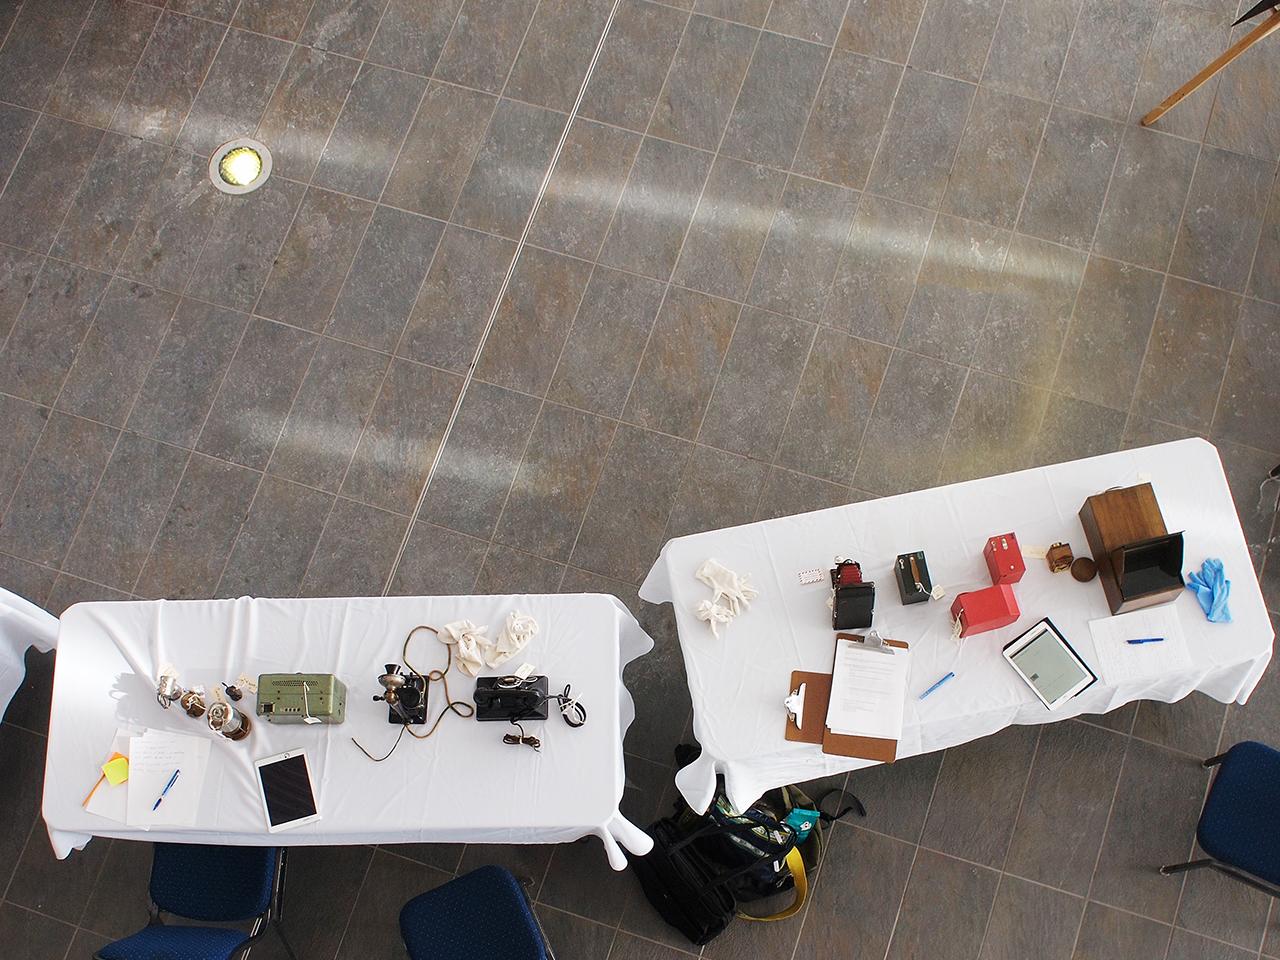 table garnie d'appareils-photo et de téléphones